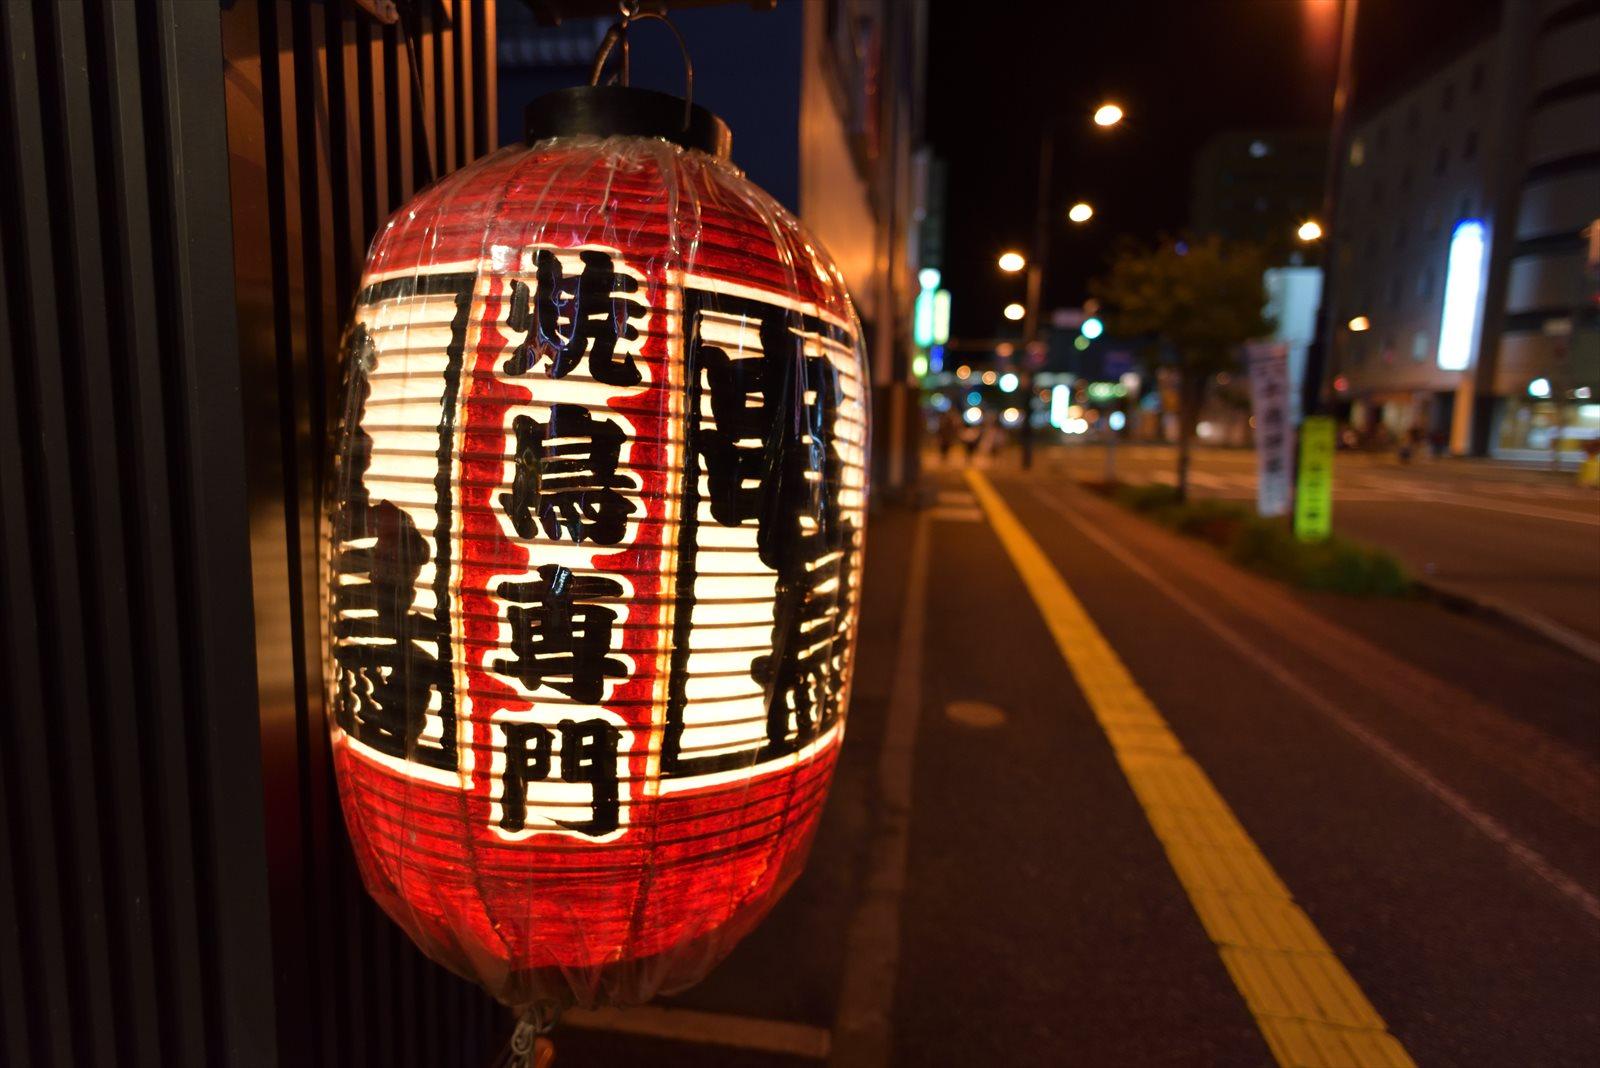 【3年越しの約束】 楓沢から風不死岳へ! 2018.9.1 後編_a0145819_1047305.jpg